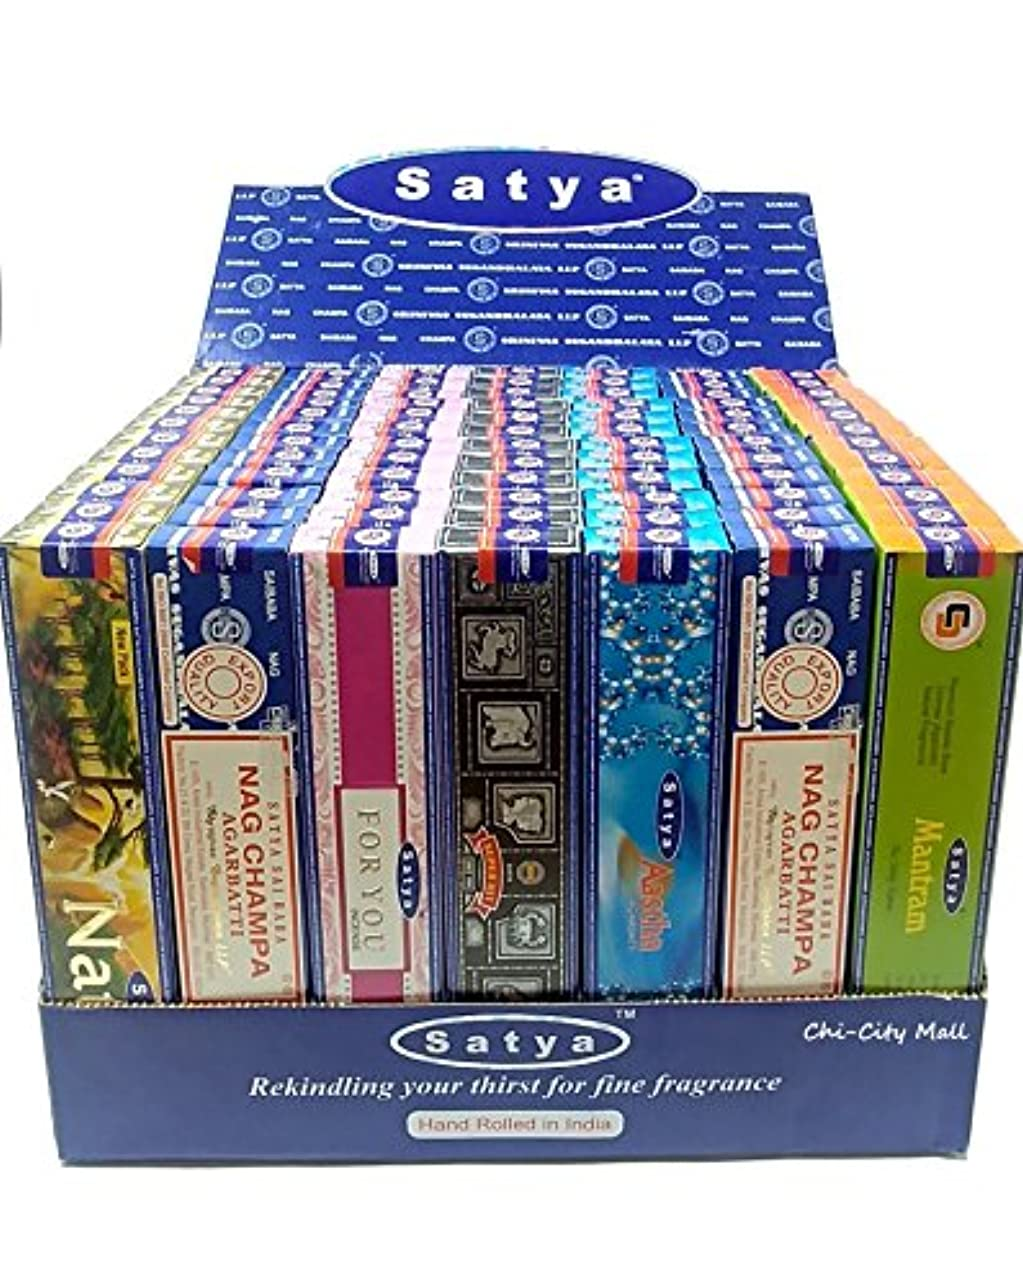 放置傑作異常なchi-city Mall (7-pack / 105g) – Satya Nag Champa Incense Sticks  詰め合わせギフトセットシリーズ  hand-rolled Agarbatti   Sai...